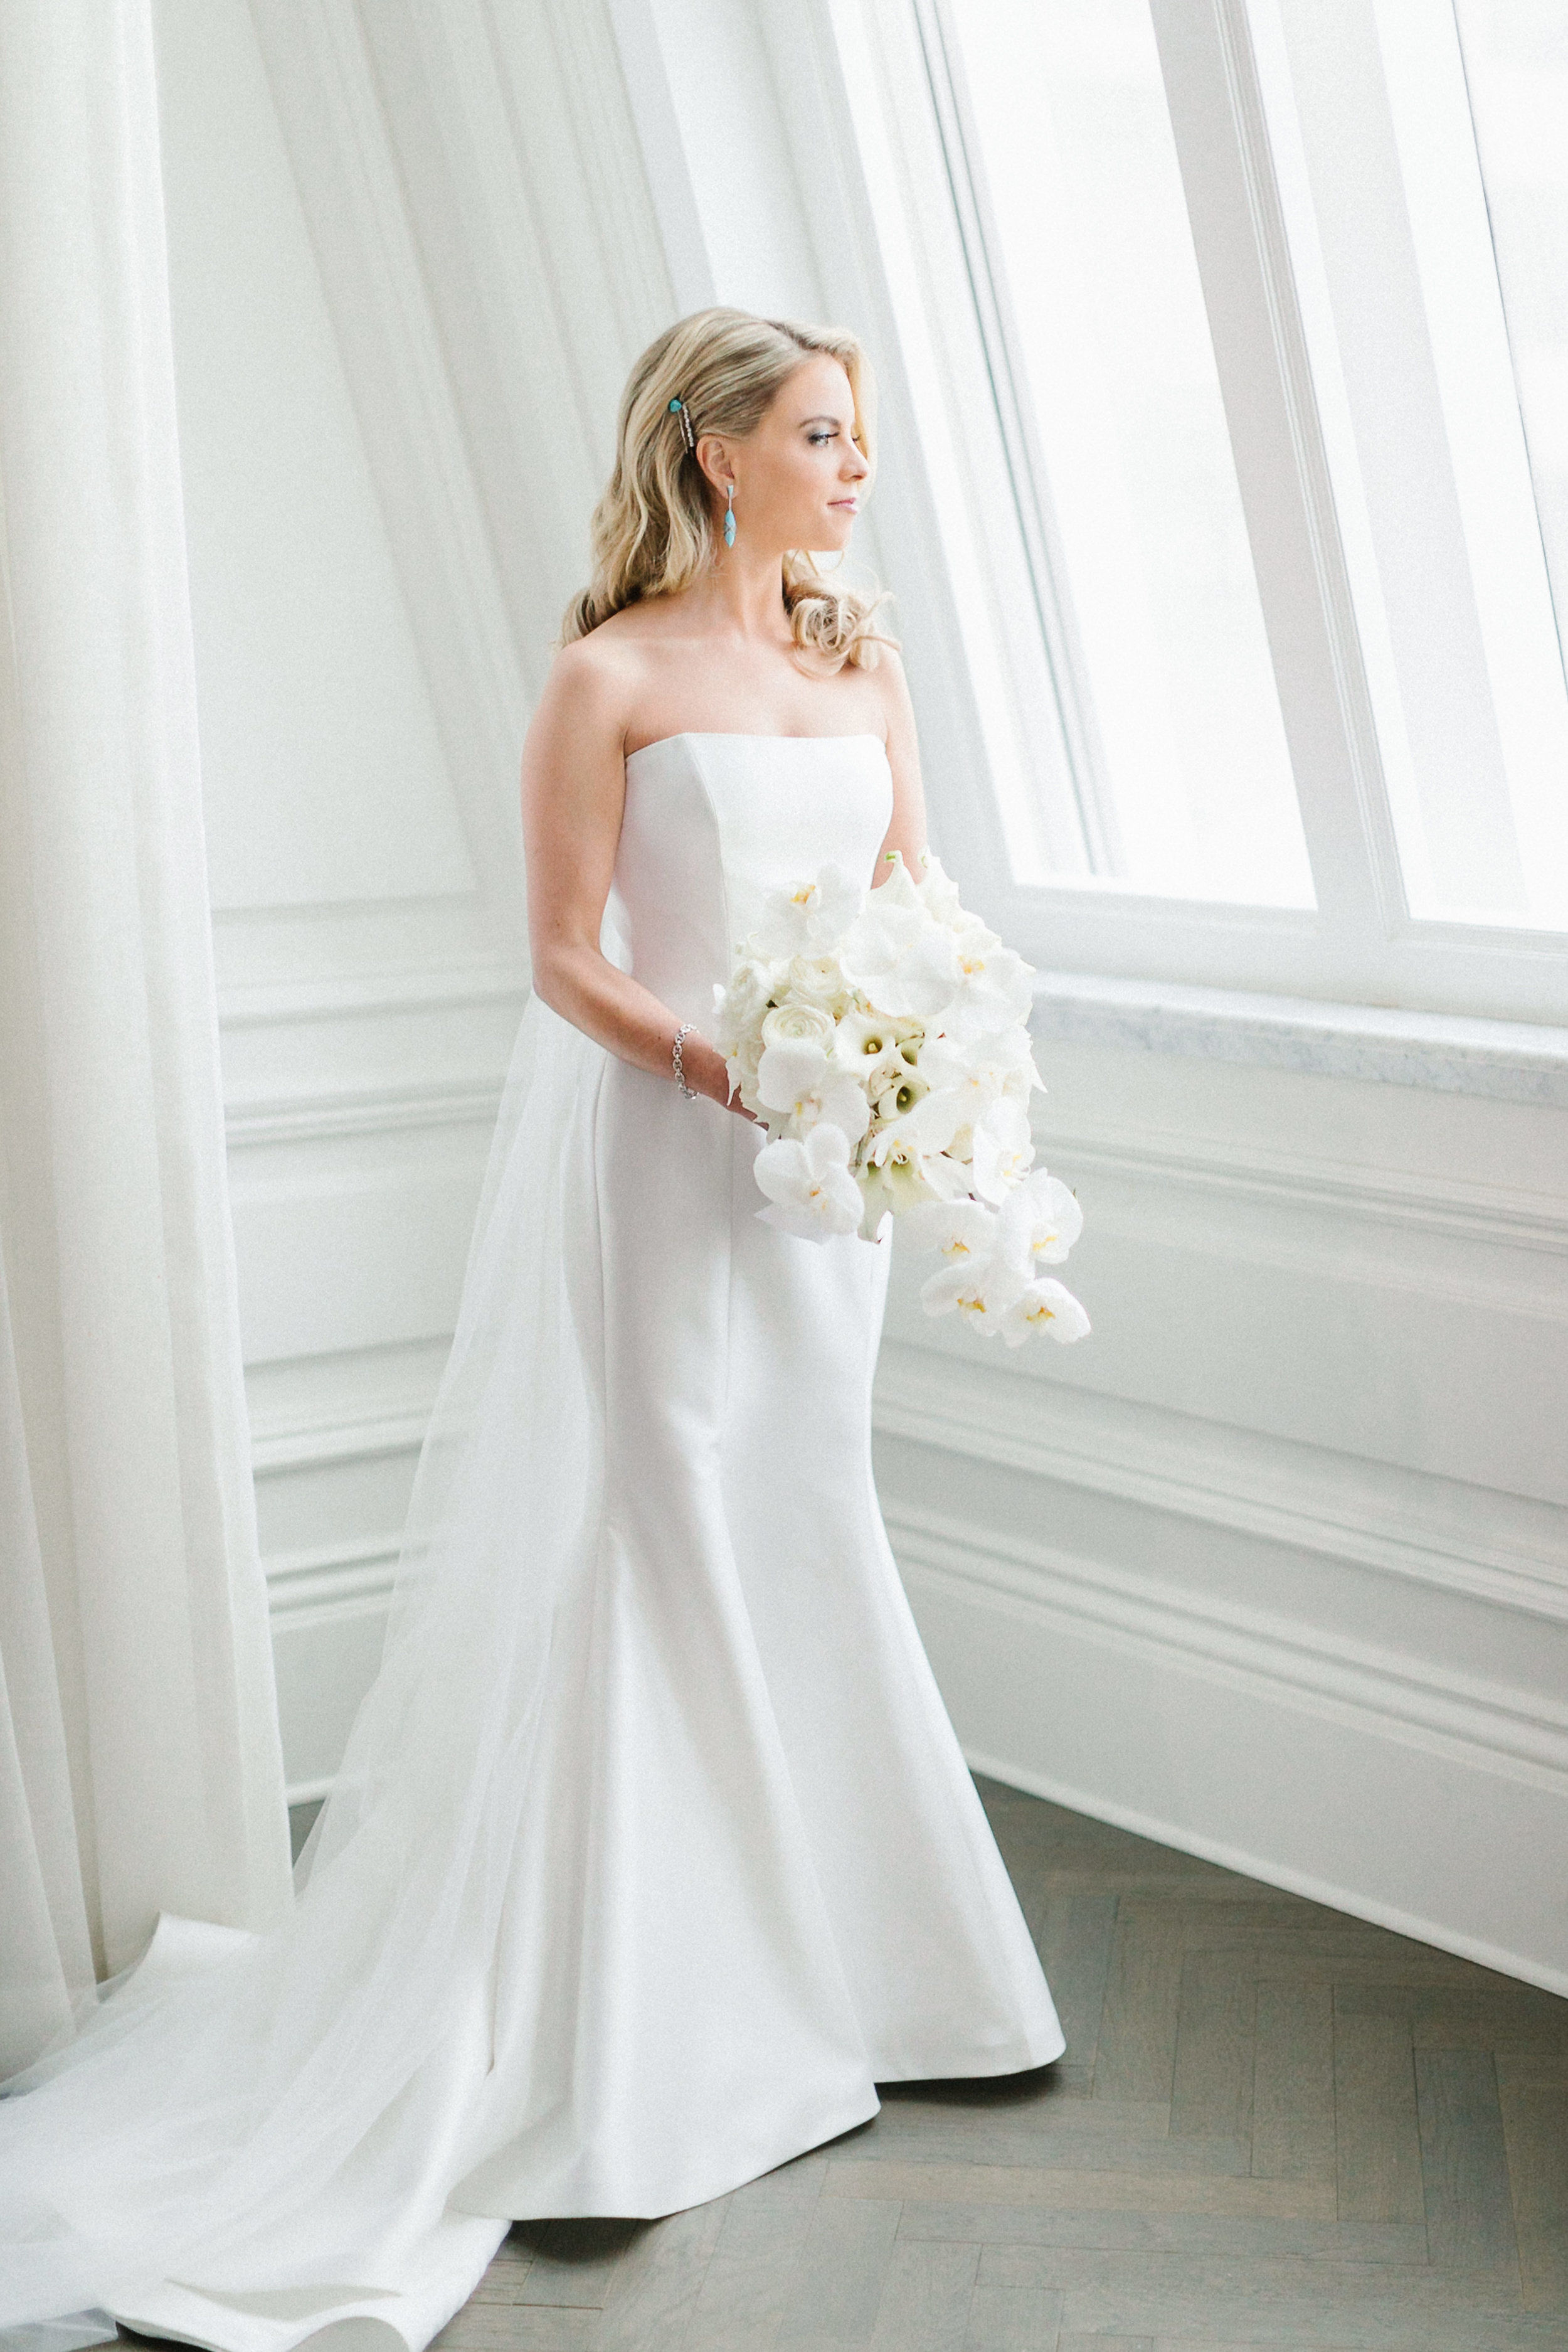 Portraits - Adolphus Wedding - Dallas Wedding Planner - Allday Events - 51.jpg